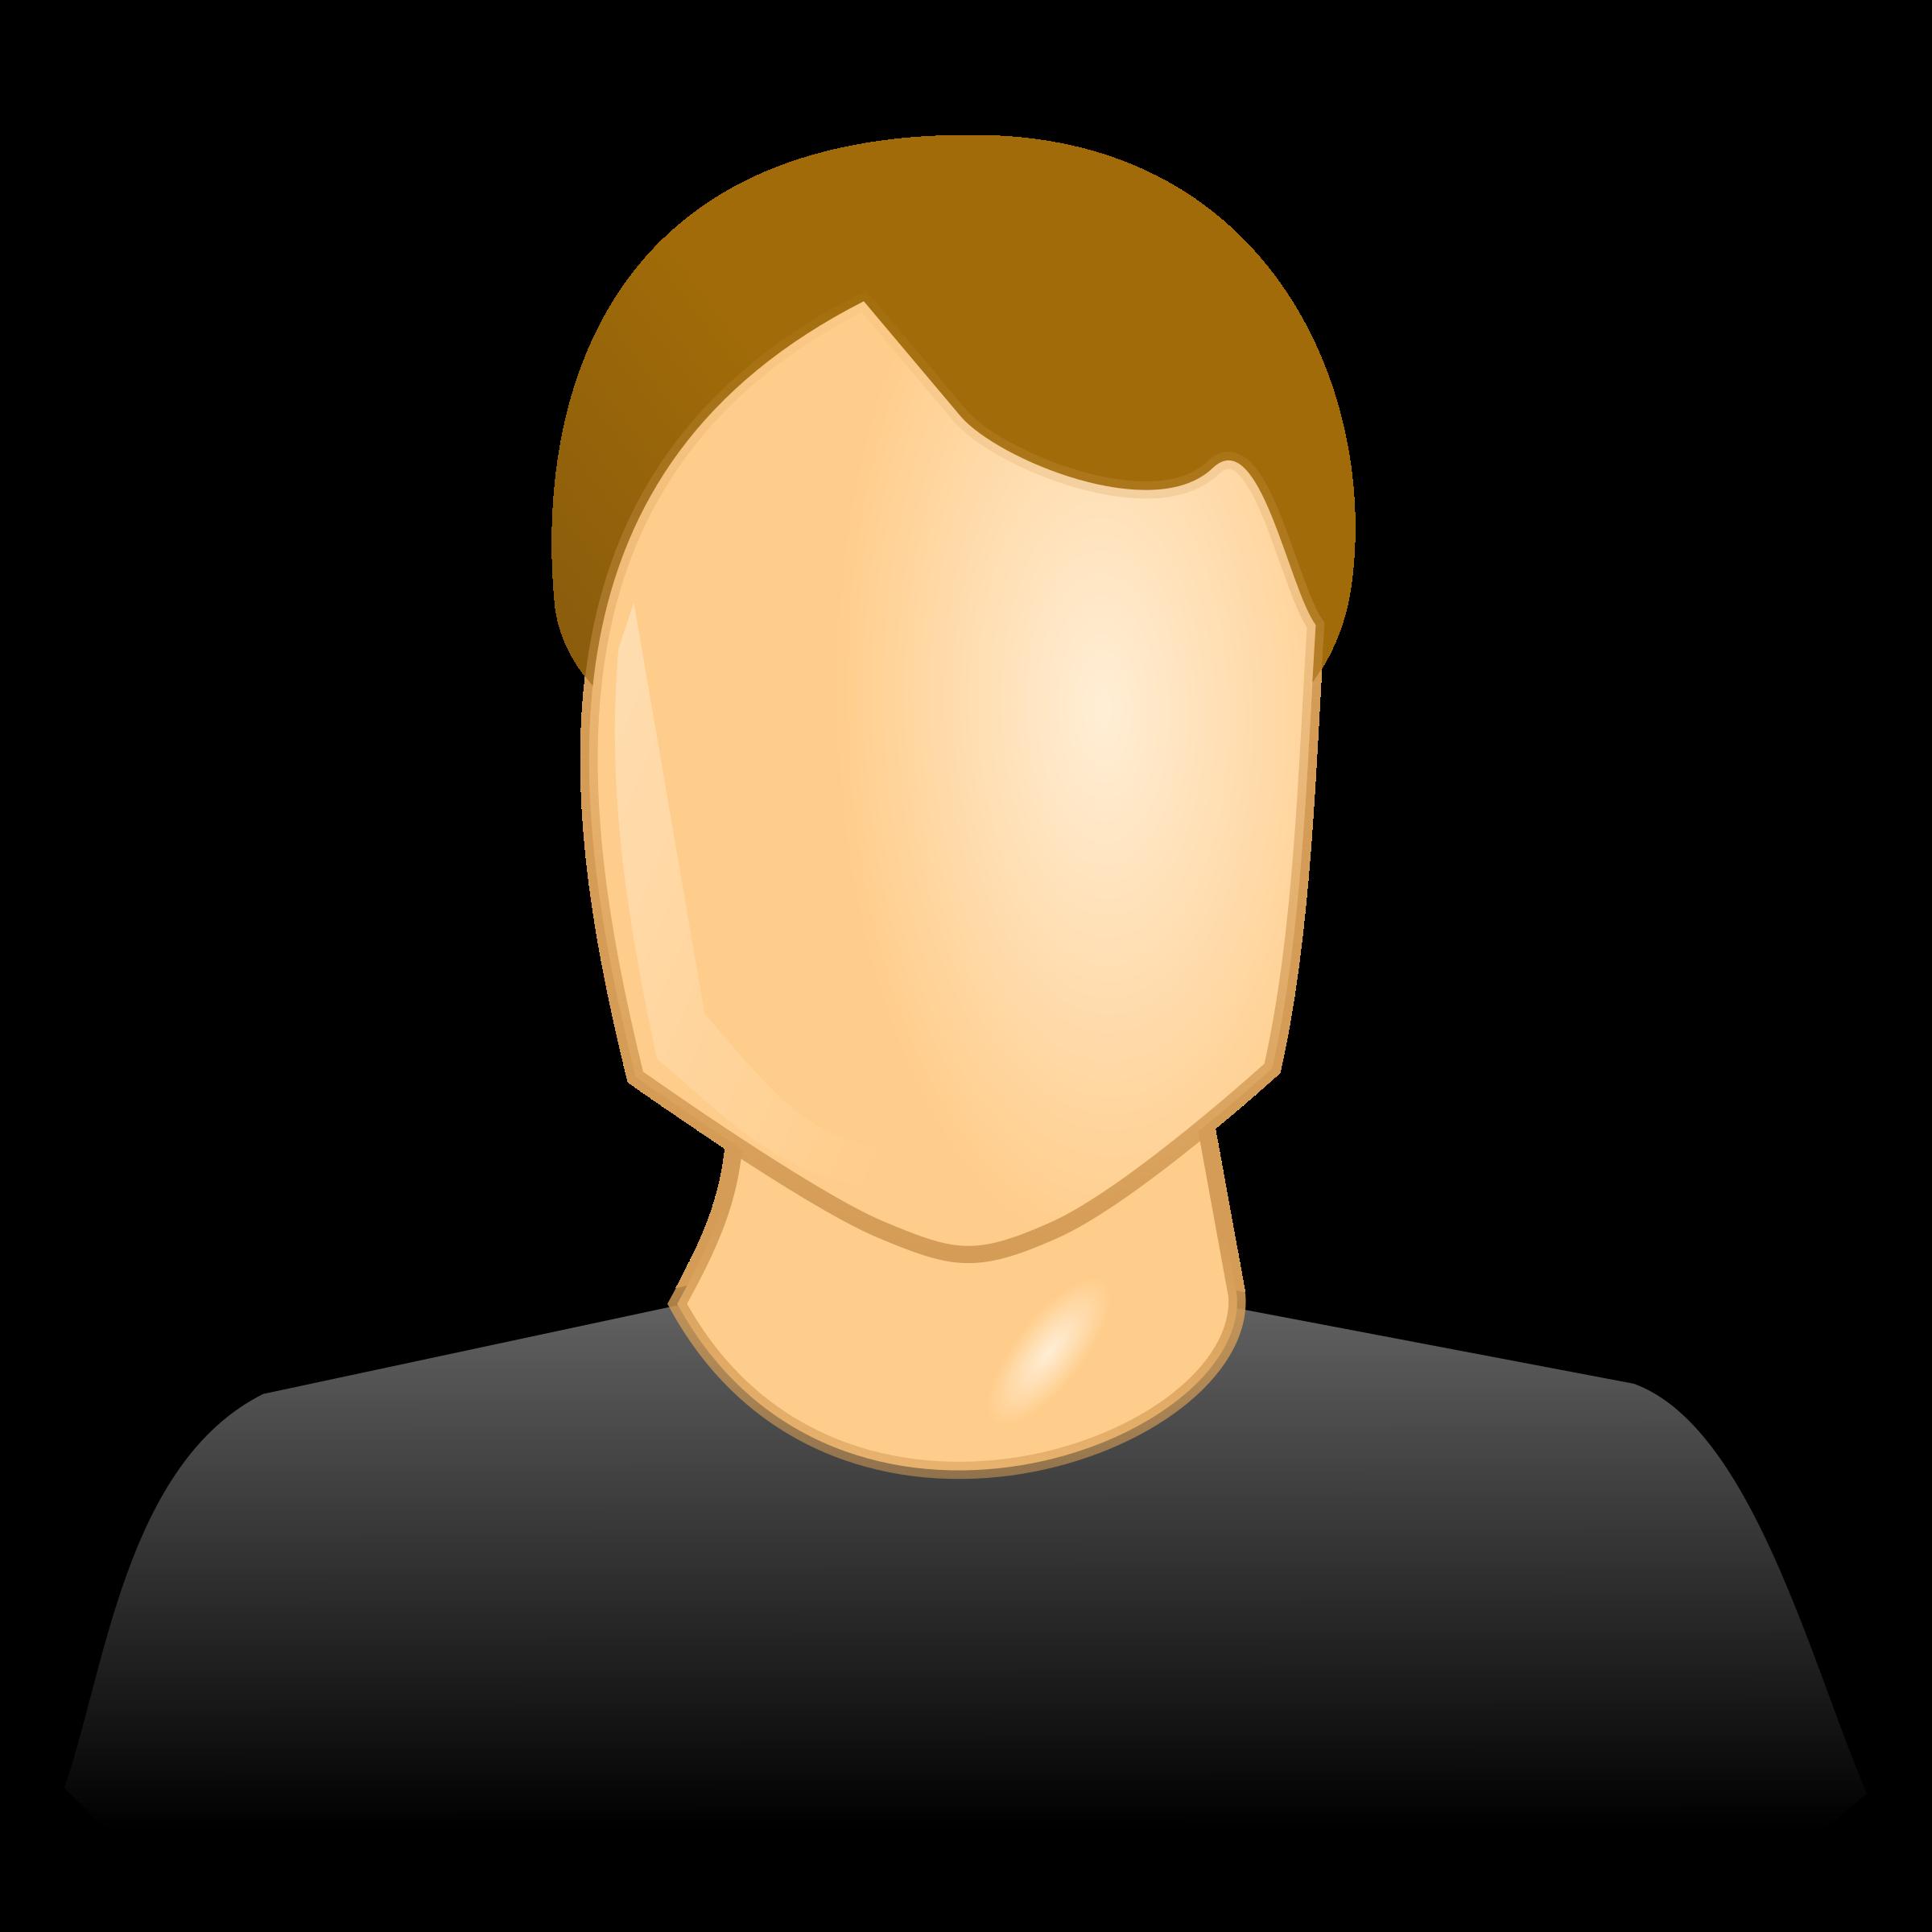 User icon big image. Patient clipart male patient